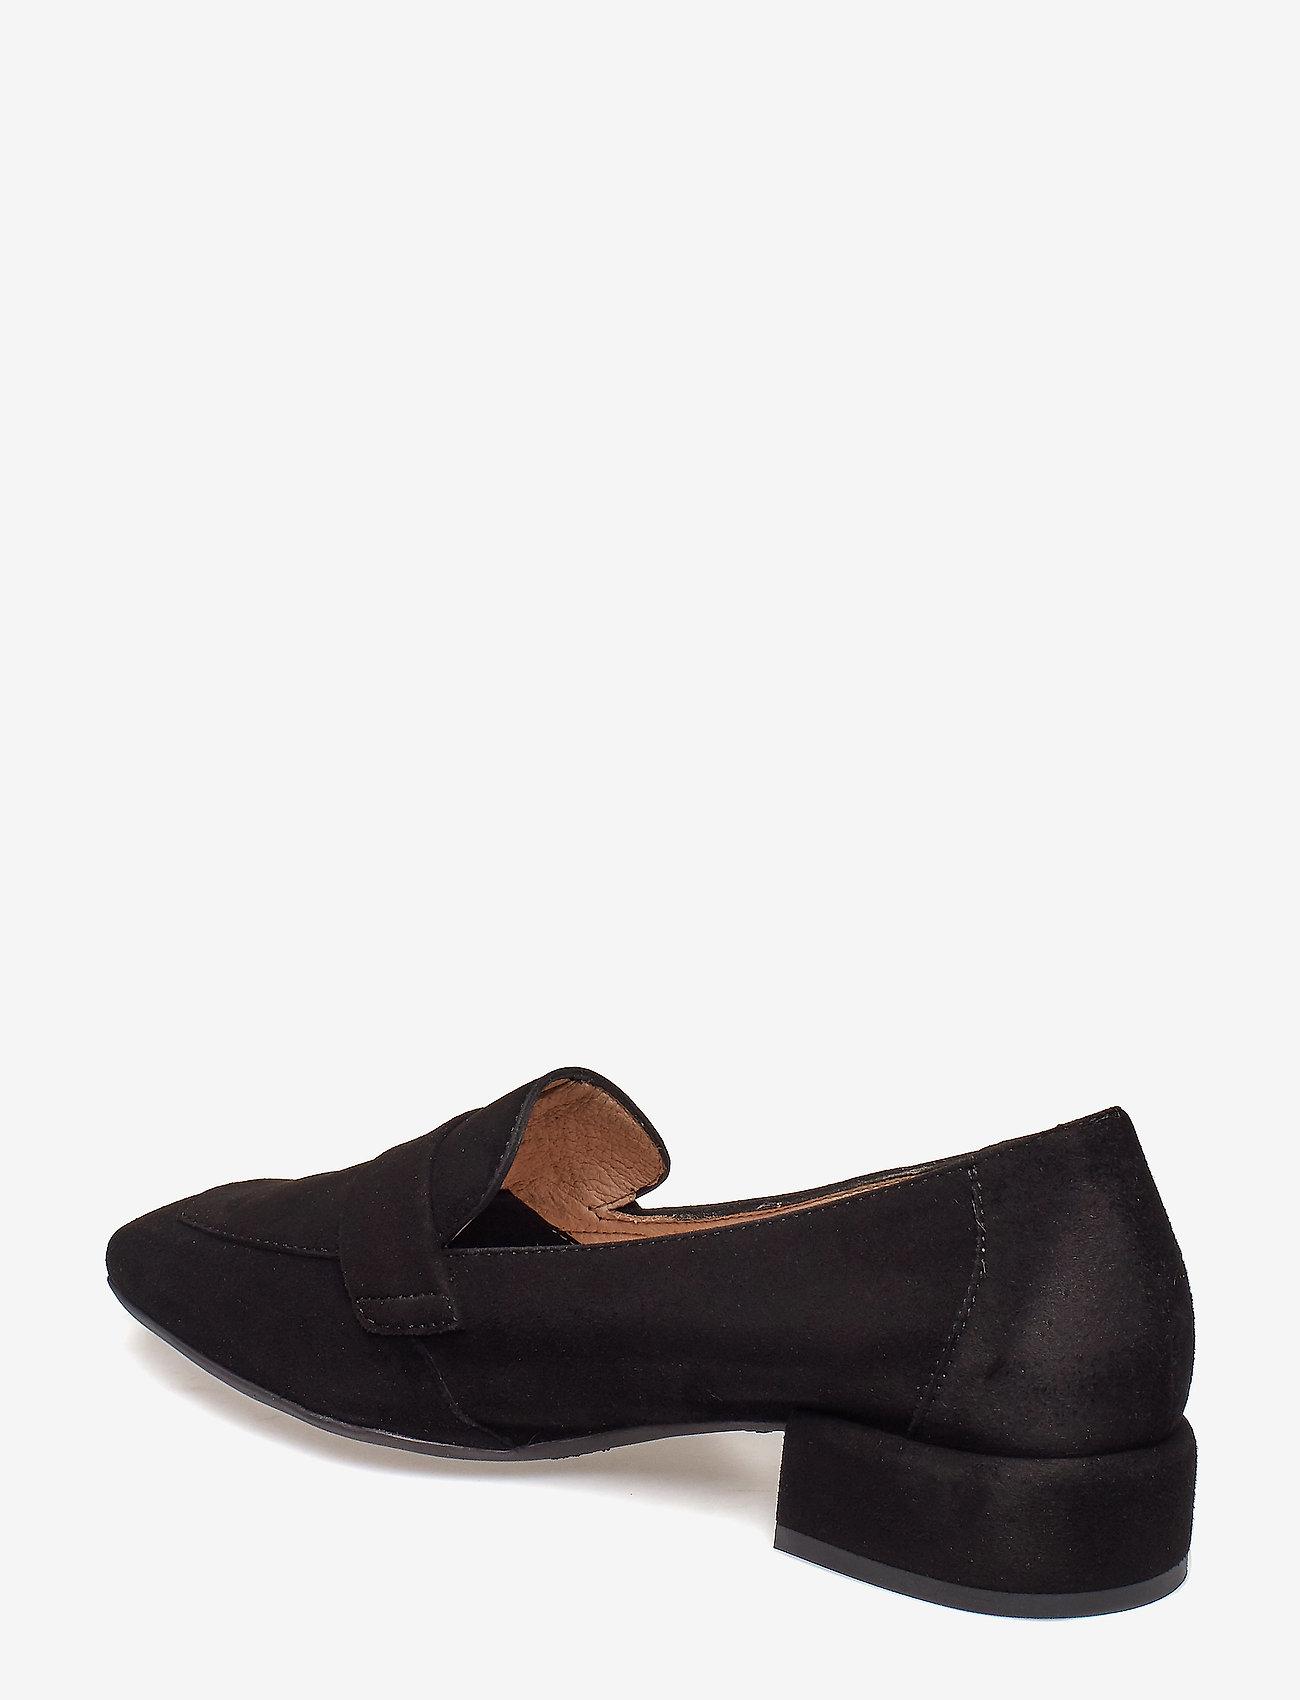 Wonders - C-5020 - loafers - black - 1